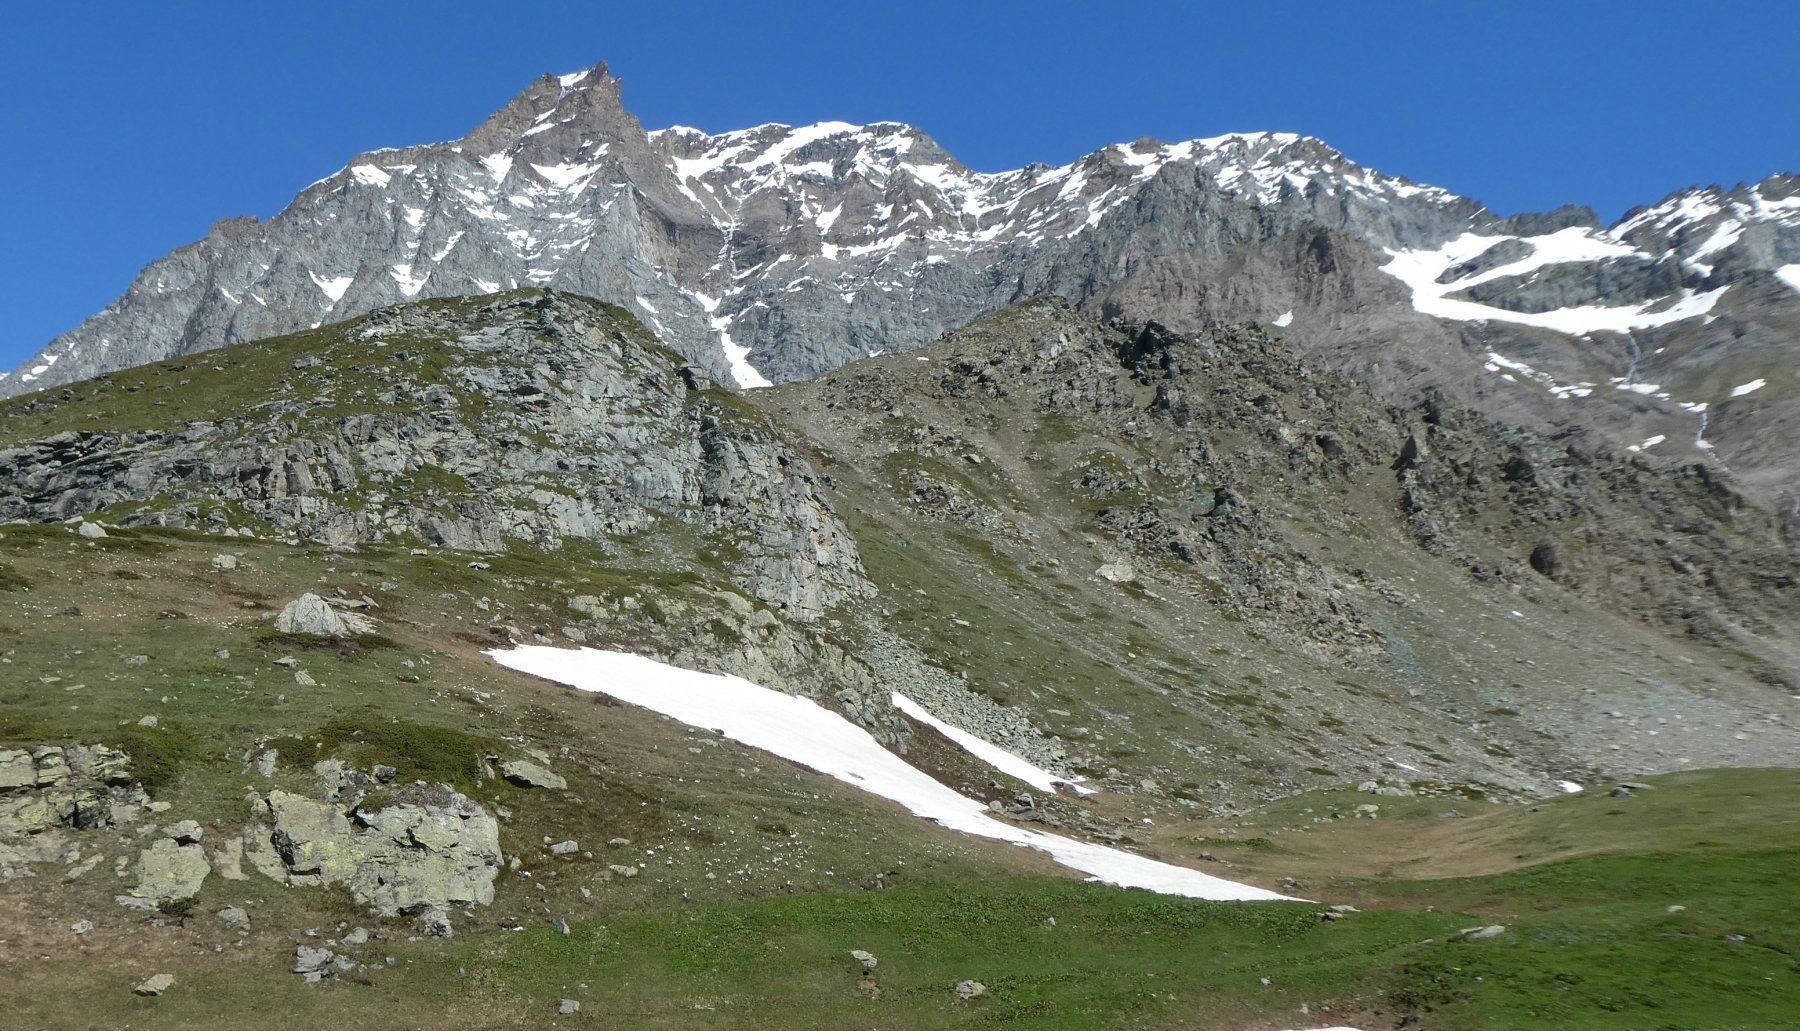 la Rocca Ciarva sopra l'alpe Ciamarella